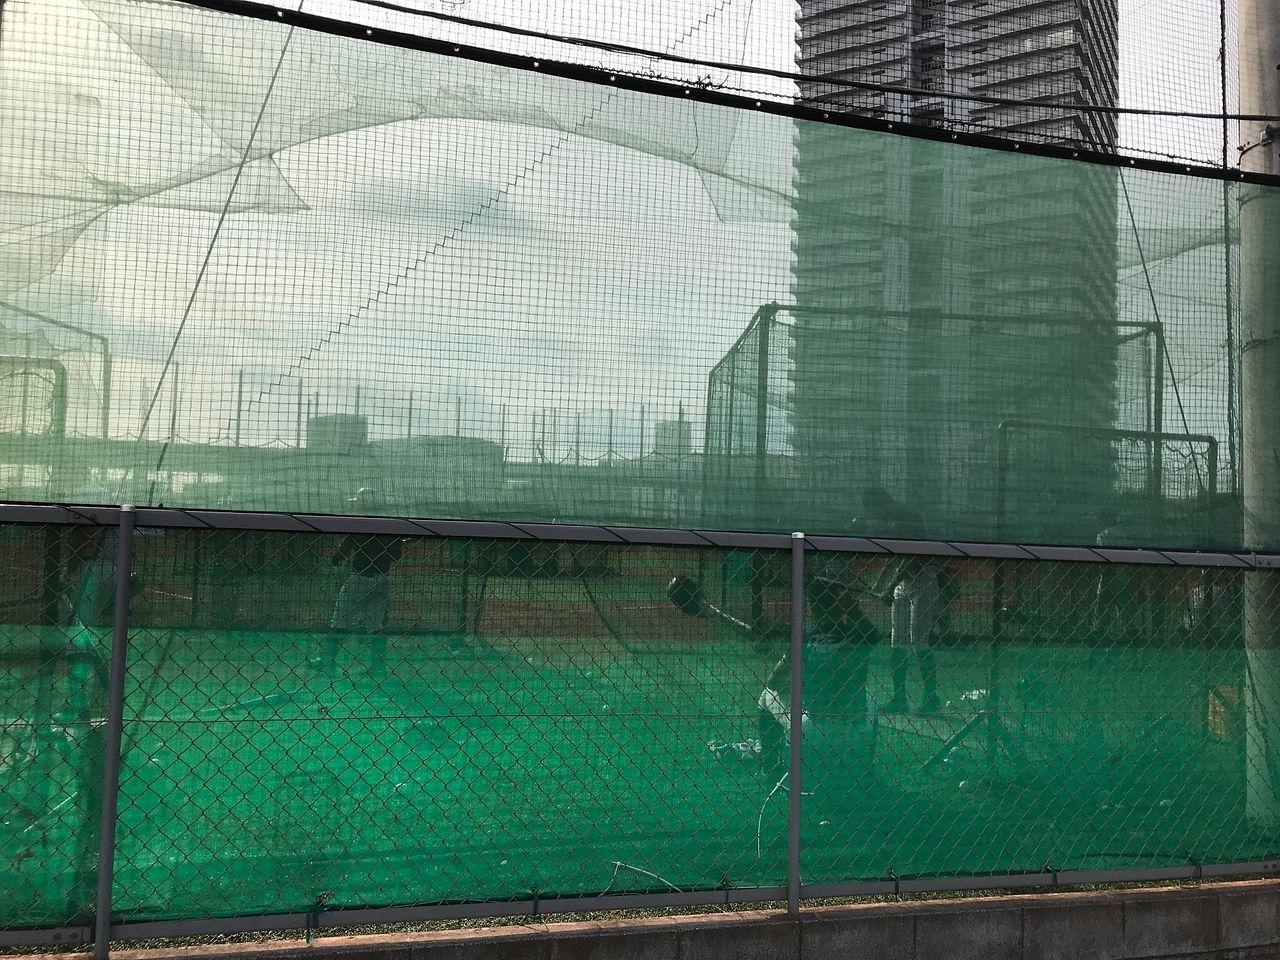 岡山フェアレーン東/ファミールタワーマンション北西 商大附属のグラウンド